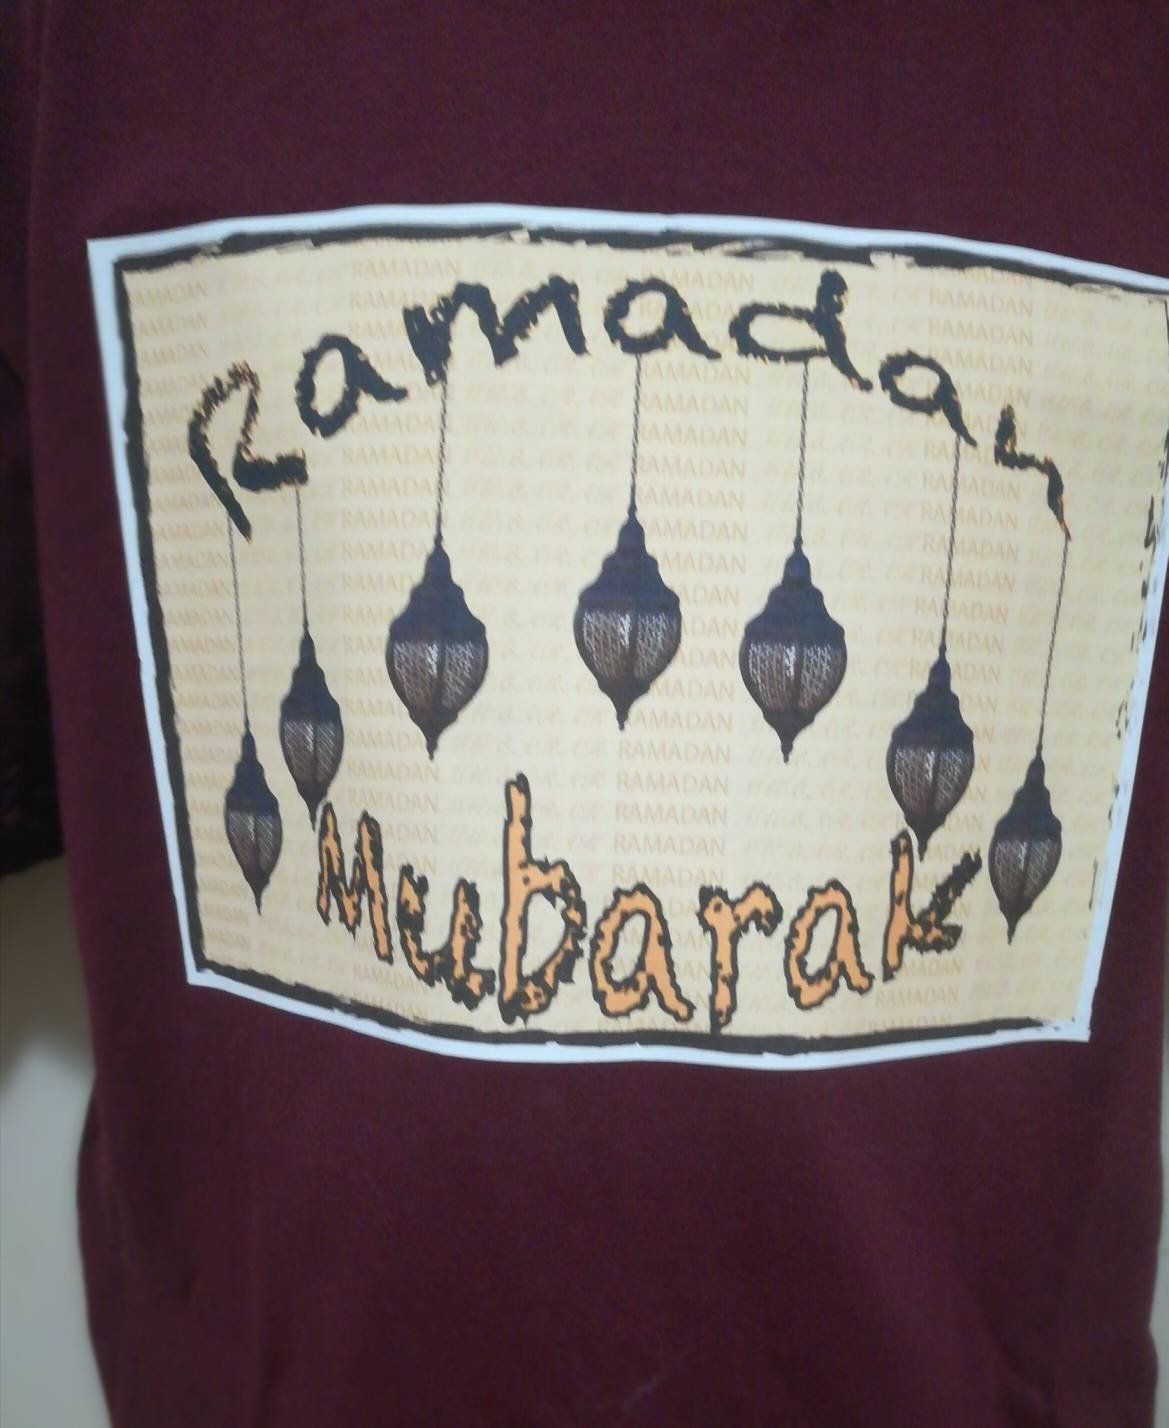 d0e2b314 Islamic Gift, Muslim T-Shirt, Ramadan t-shirtShirt, Islamic T-shirt, Islamic  Clothing,Ramadan t-shirt,Ramadan Mubarak T-shirt